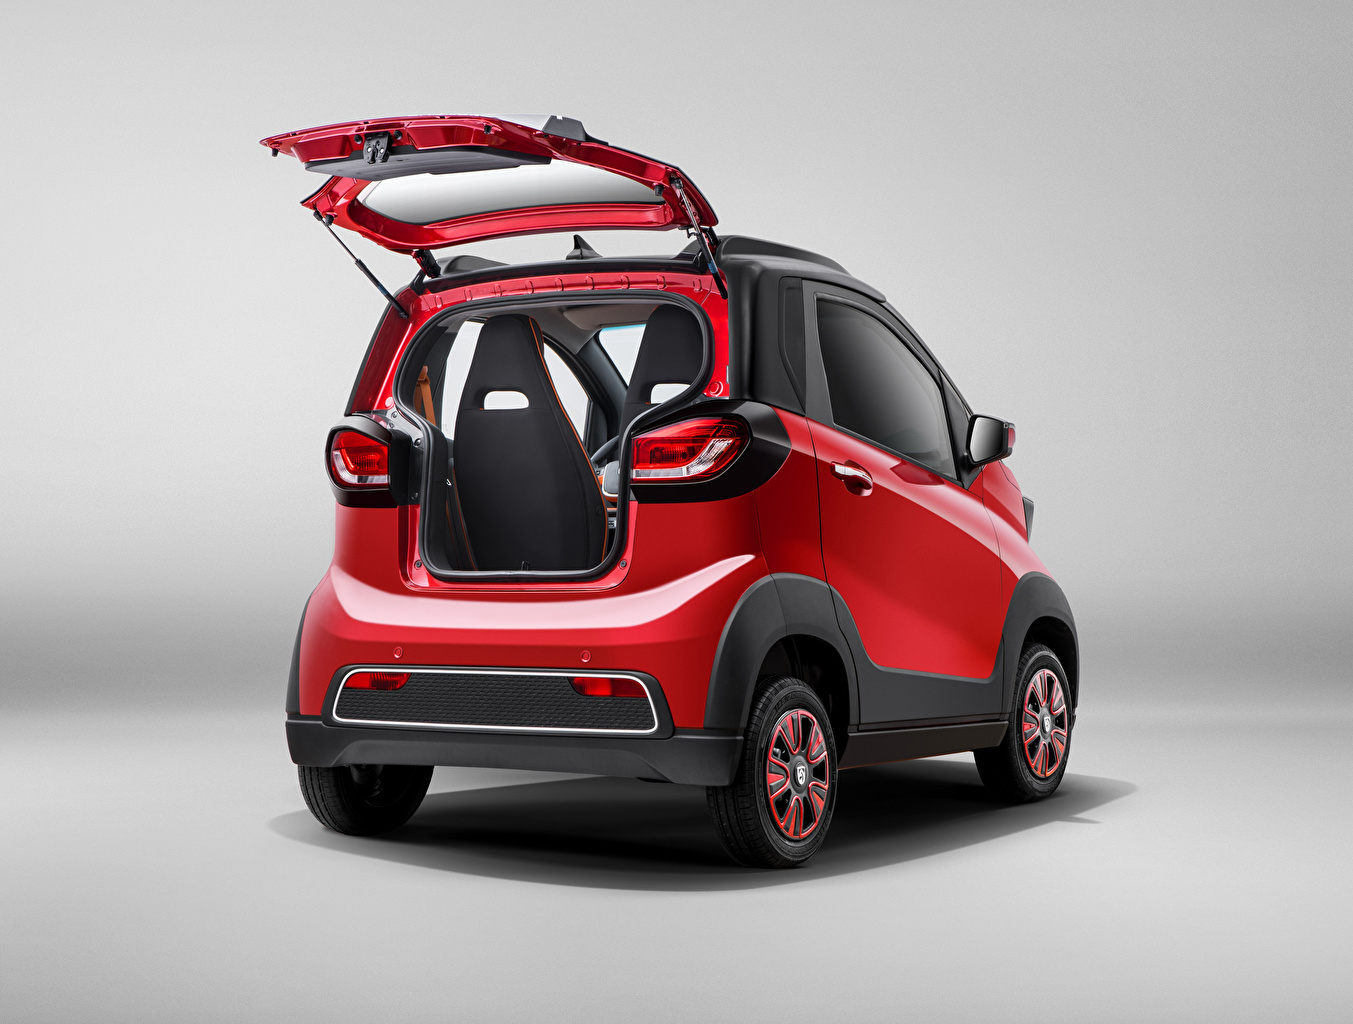 Фотографии Baojun китайская Открытая дверь E100, 2017 красные Сзади Металлик Автомобили китайский Китайские красная Красный красных авто машины машина вид сзади автомобиль